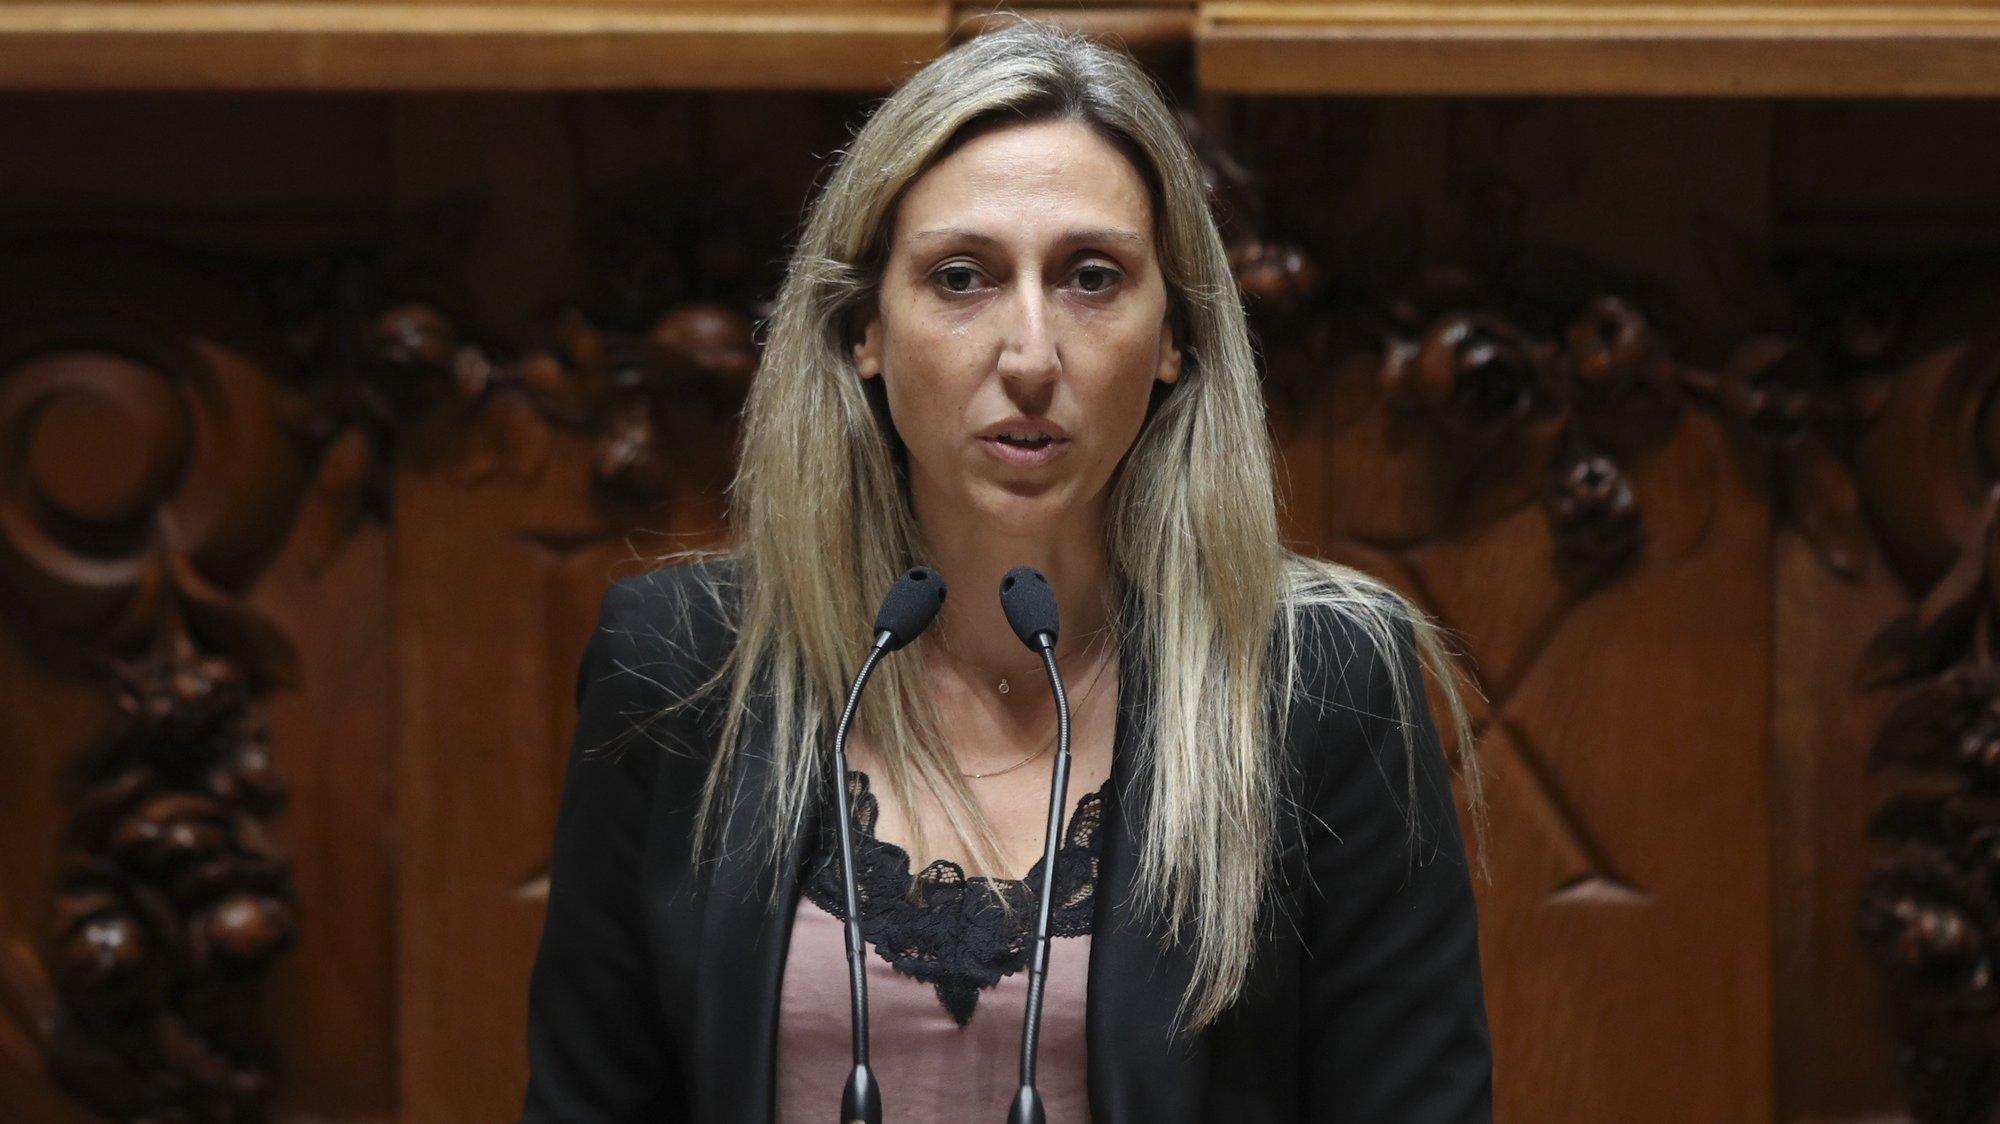 A deputada independente Cristina Rodrigues durante a sessão evocativa do antigo Presidente da República Jorge Sampaio, realizada no parlamento, em Lisboa, 15 de setembro de 2021. MANUEL DE ALMEIDA/LUSA